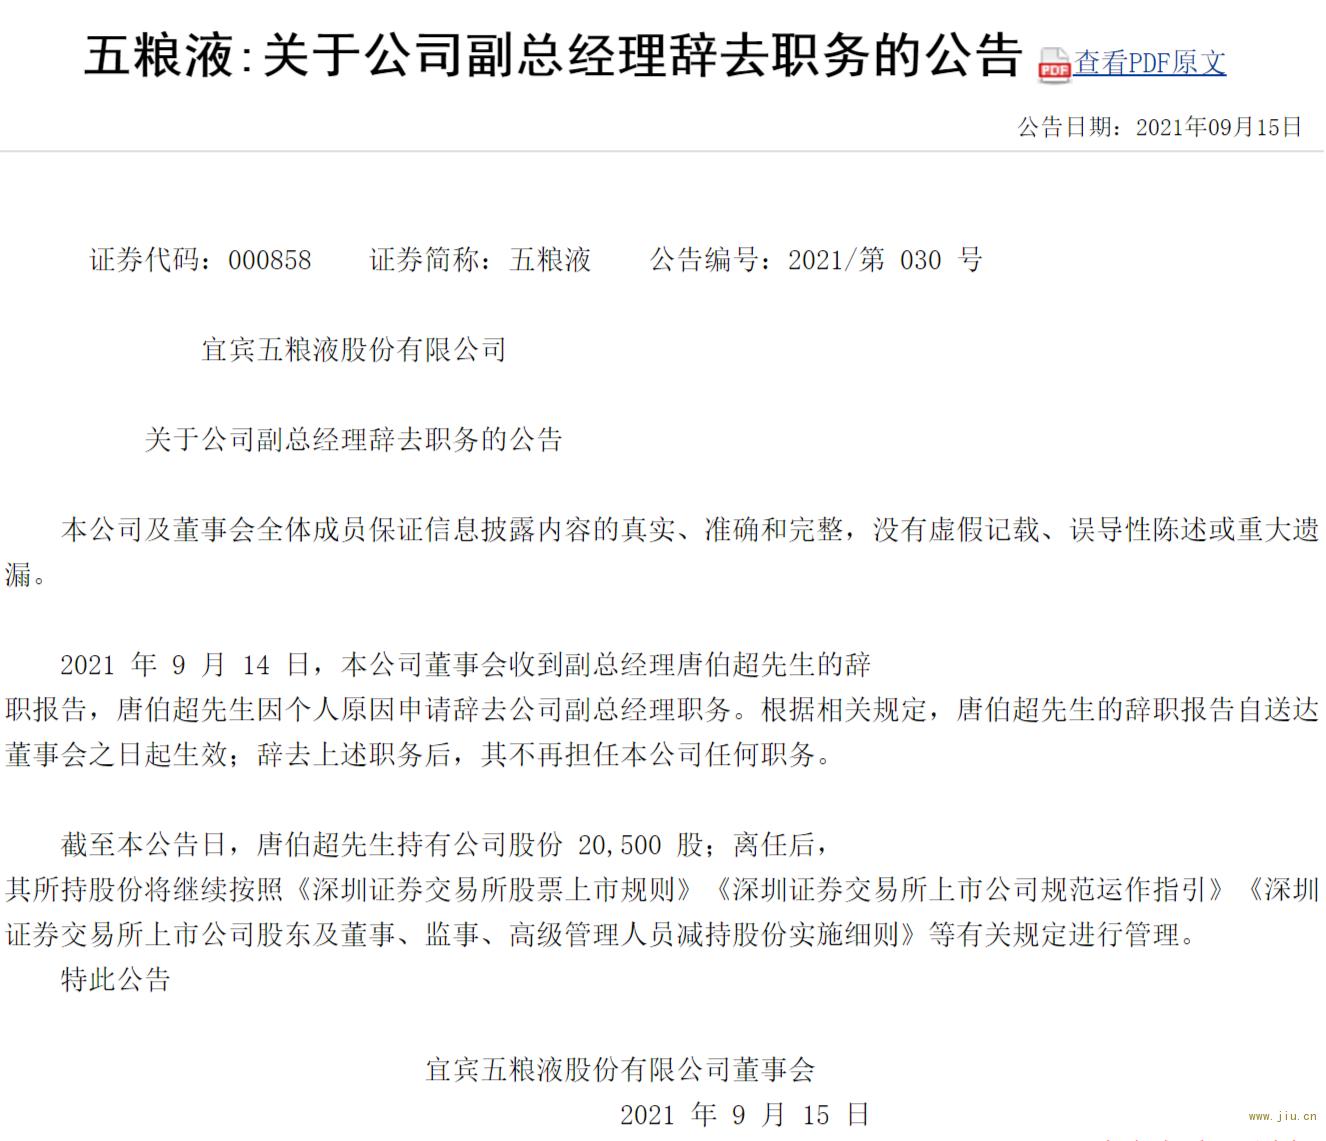 唐伯超因个人原因辞任五粮液股份公司副总经理